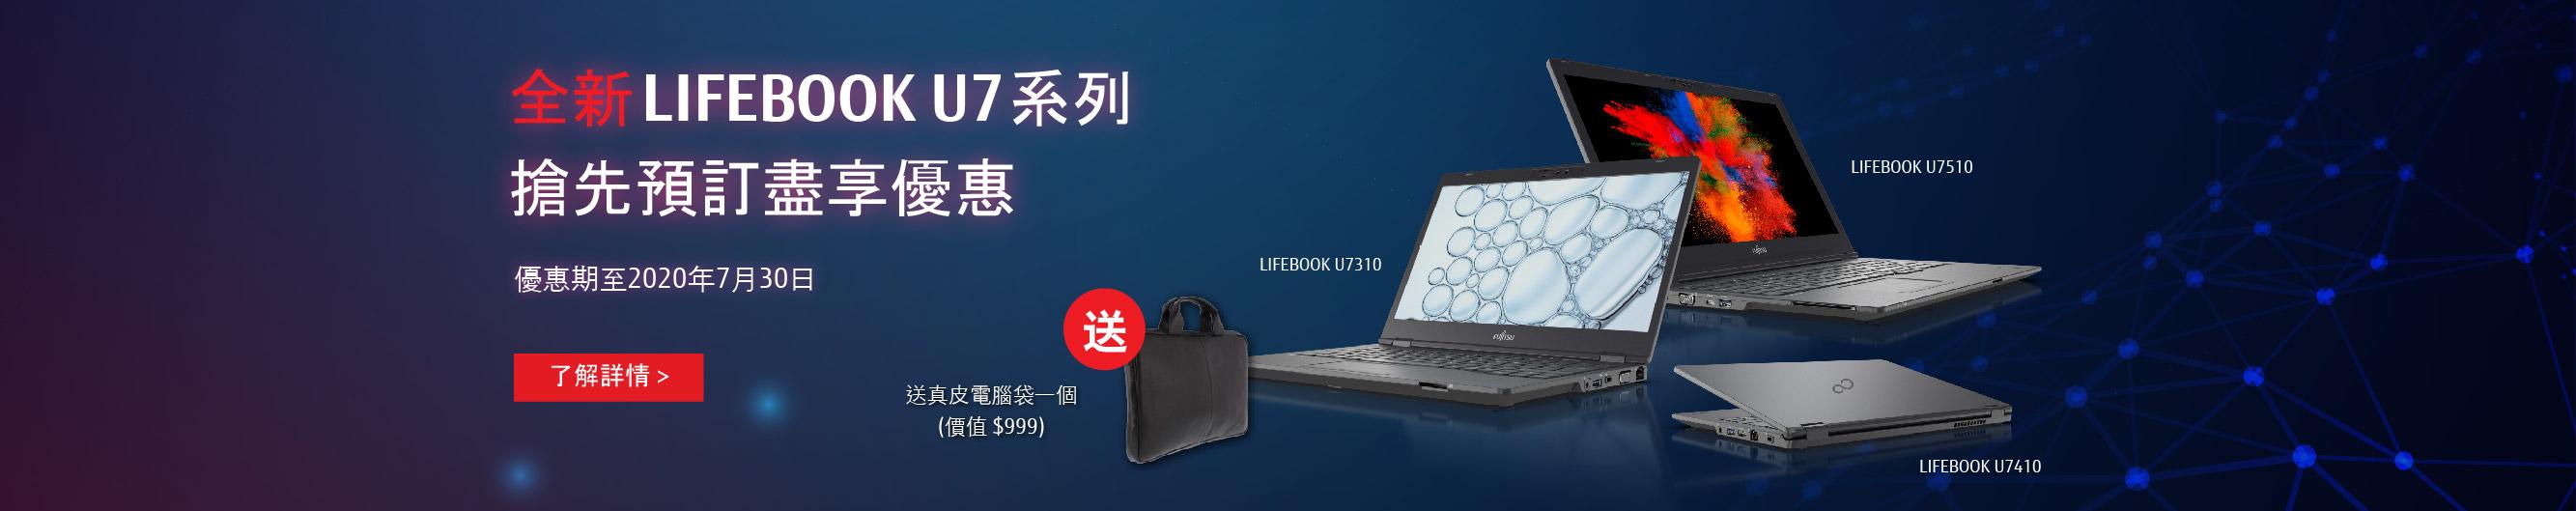 Fujitsu LIFEBOOK U7310 preorder special promotion